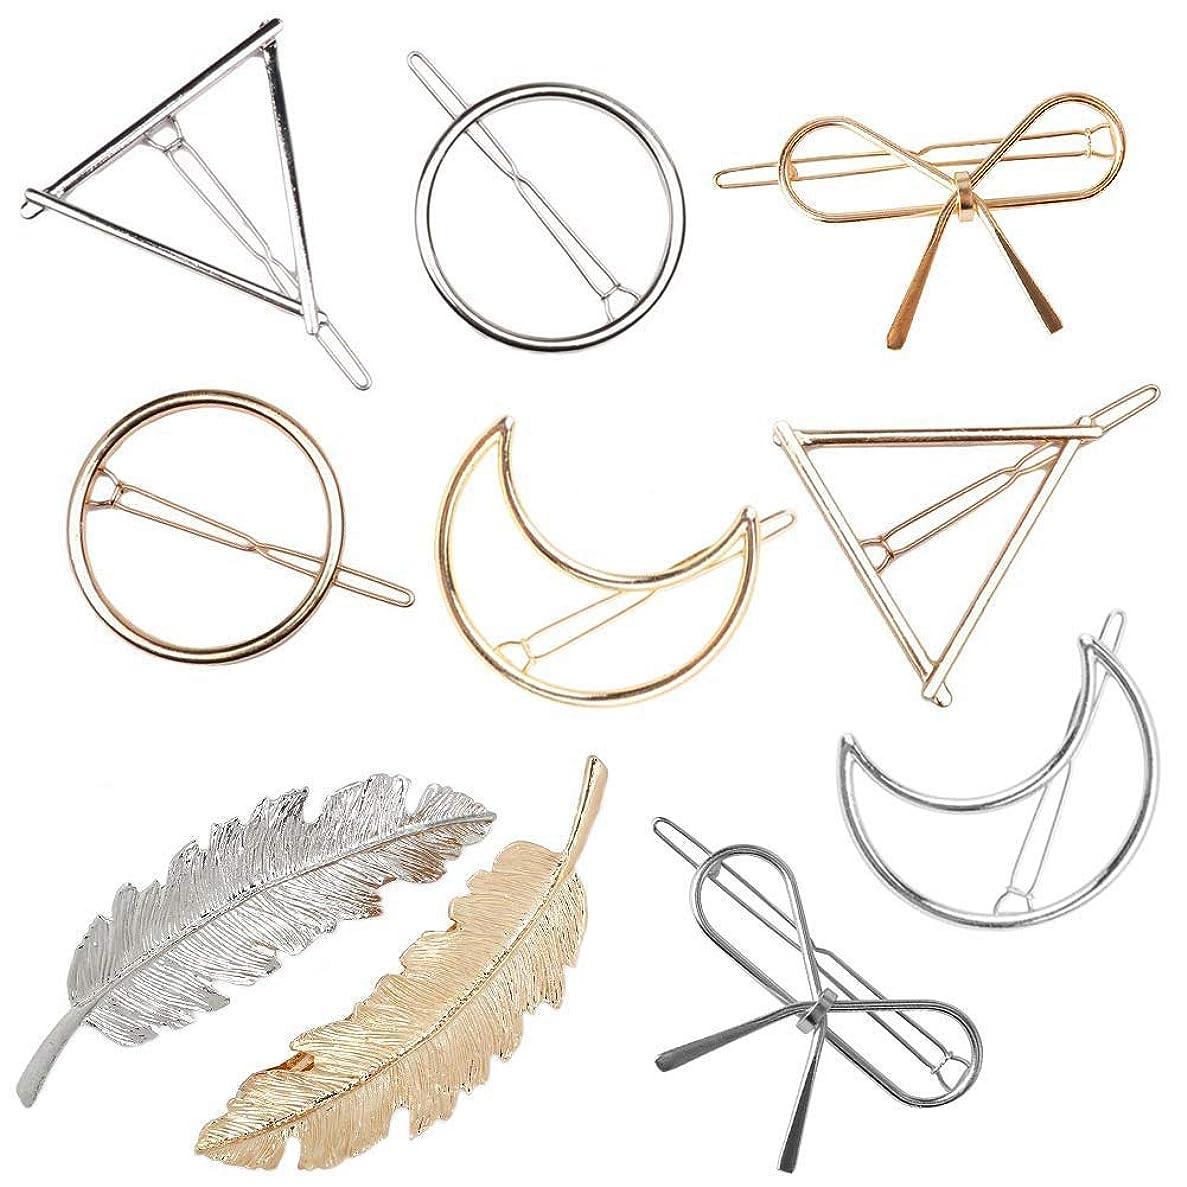 私たちのものシャット組み合わせTOOGOO 女性用ヘアクリップ、金属のヘアクリップ、フェザー、バタフライ、中空、丸型、三角形、月、中空ポニーテールのバレッタ、ピン、クリップ、ミニマリスト、個性的なヘアアクセサリー